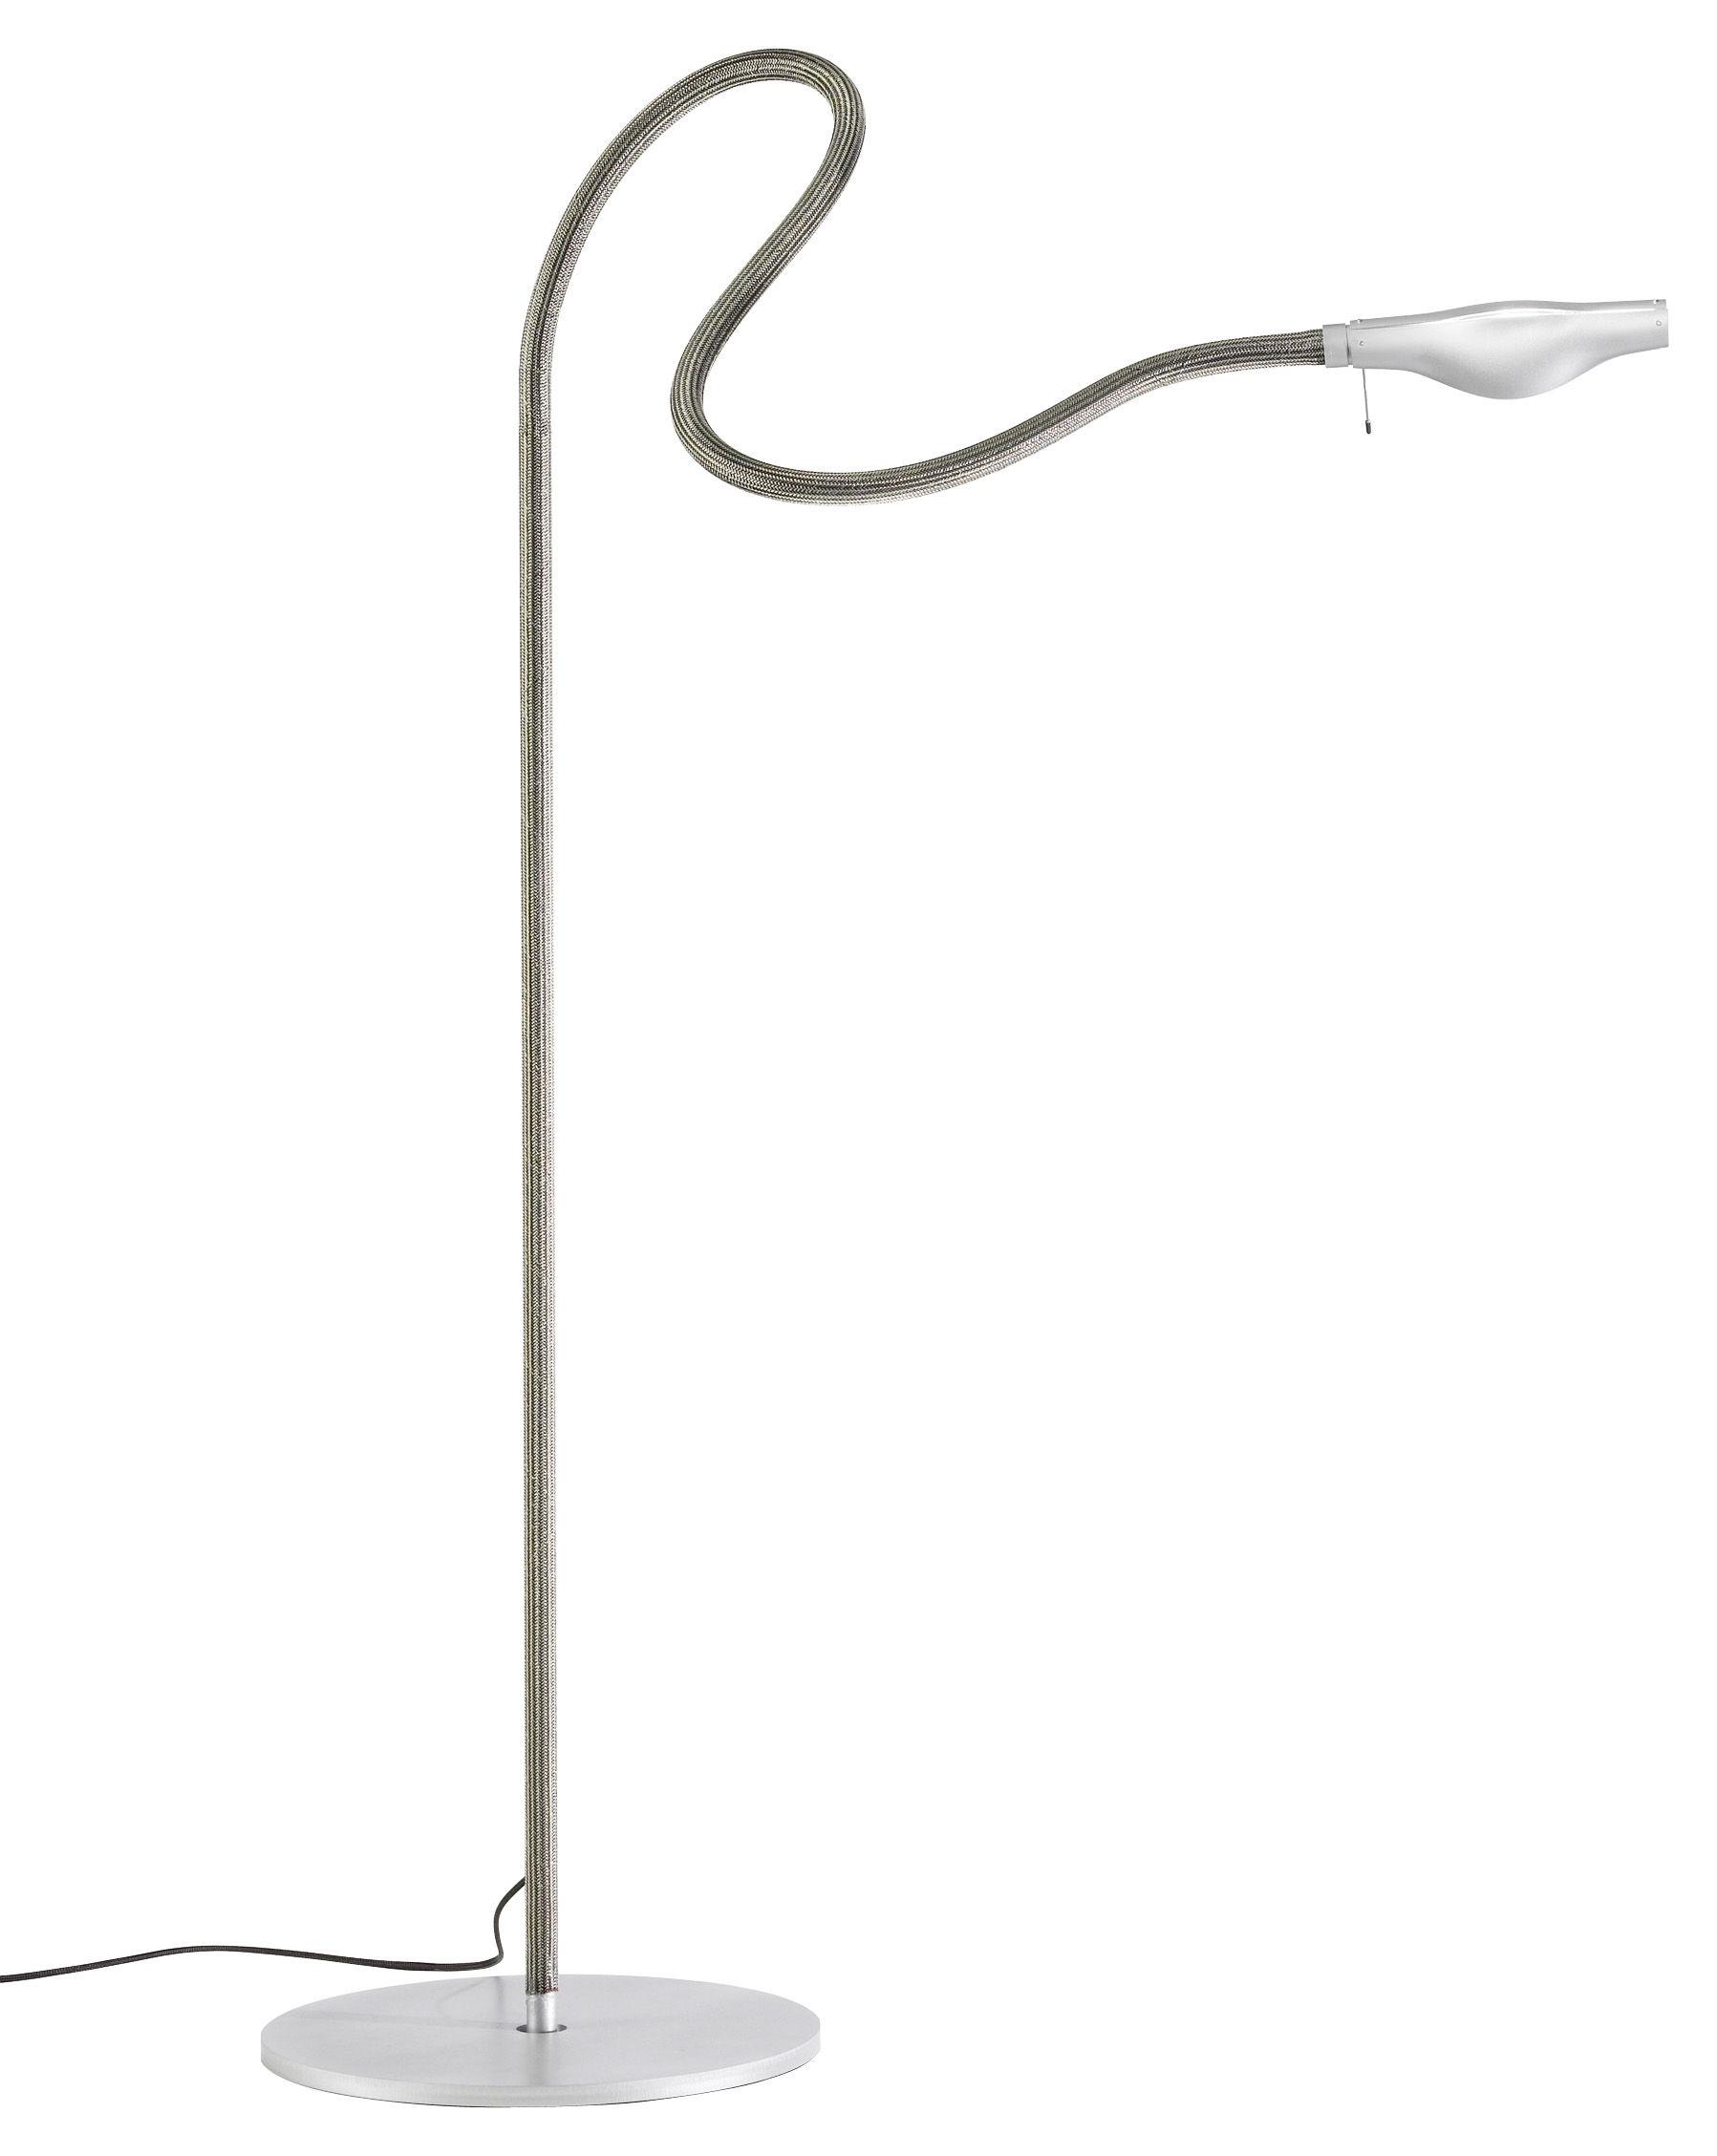 Leuchten - Stehleuchten - Metall F. Cooper Stehleuchte - Ingo Maurer - Grau - Kautschuk, Metall